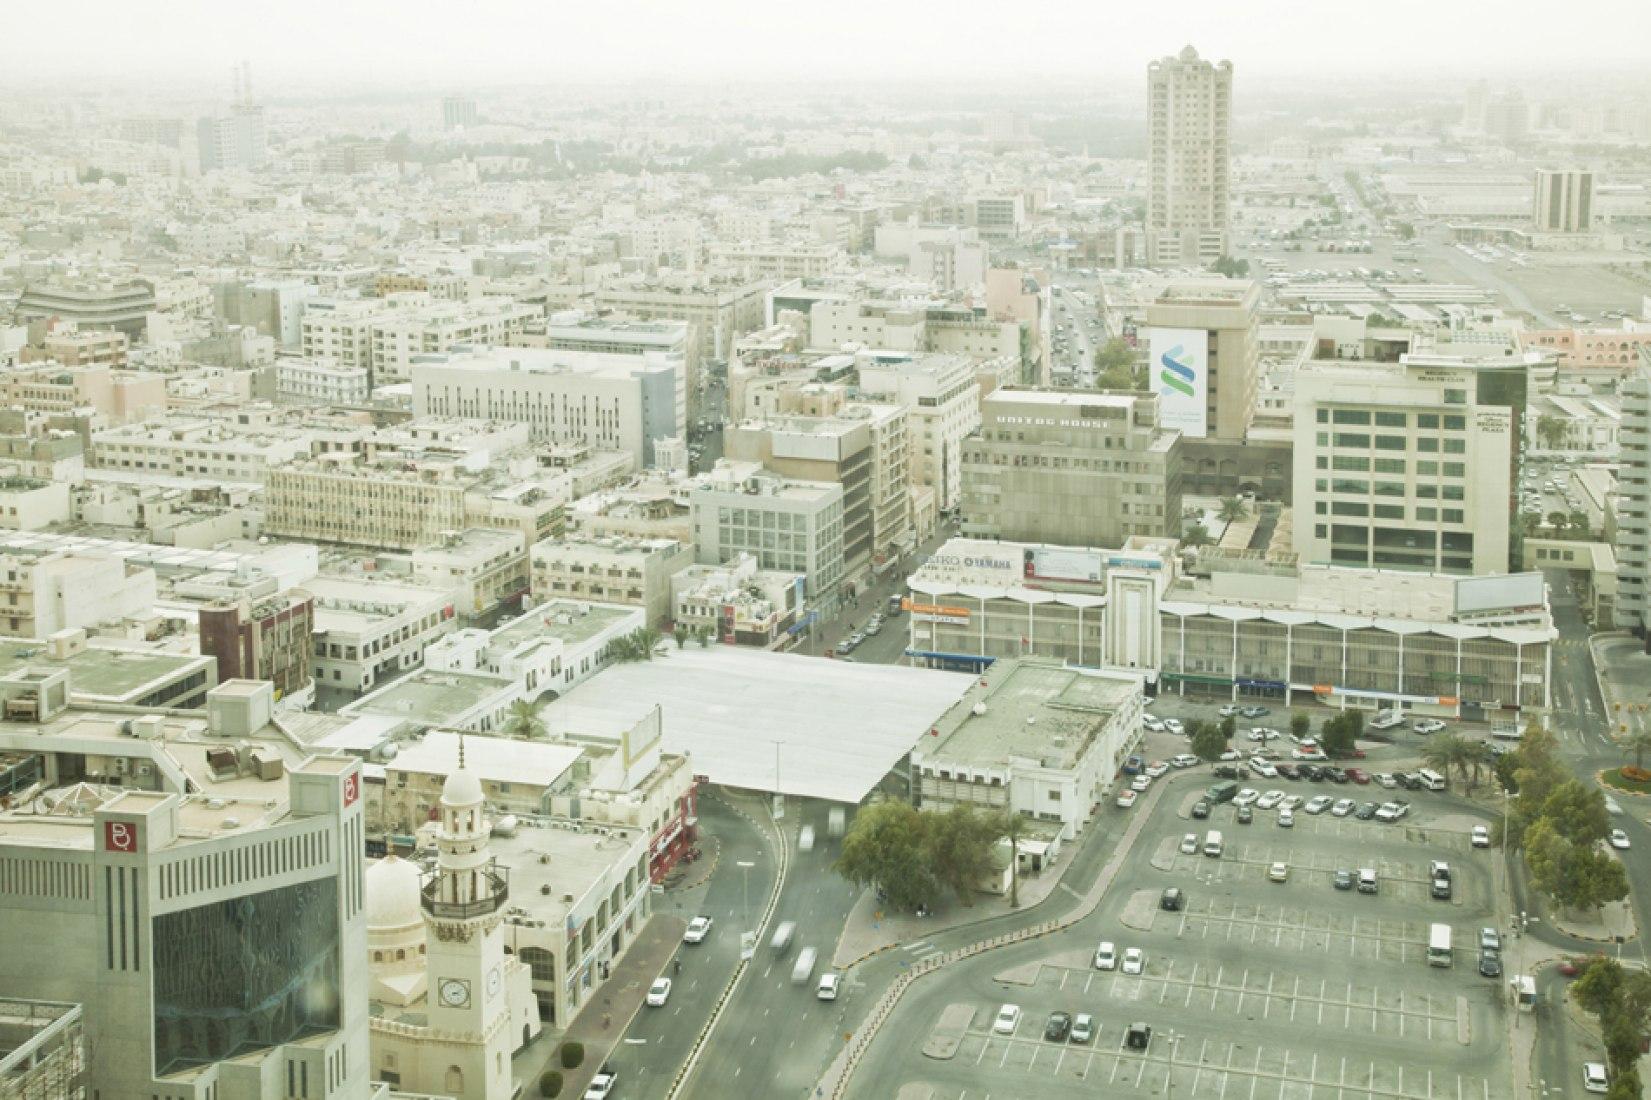 Vista aérea del conjunto. Fotografía © Eman Ali.